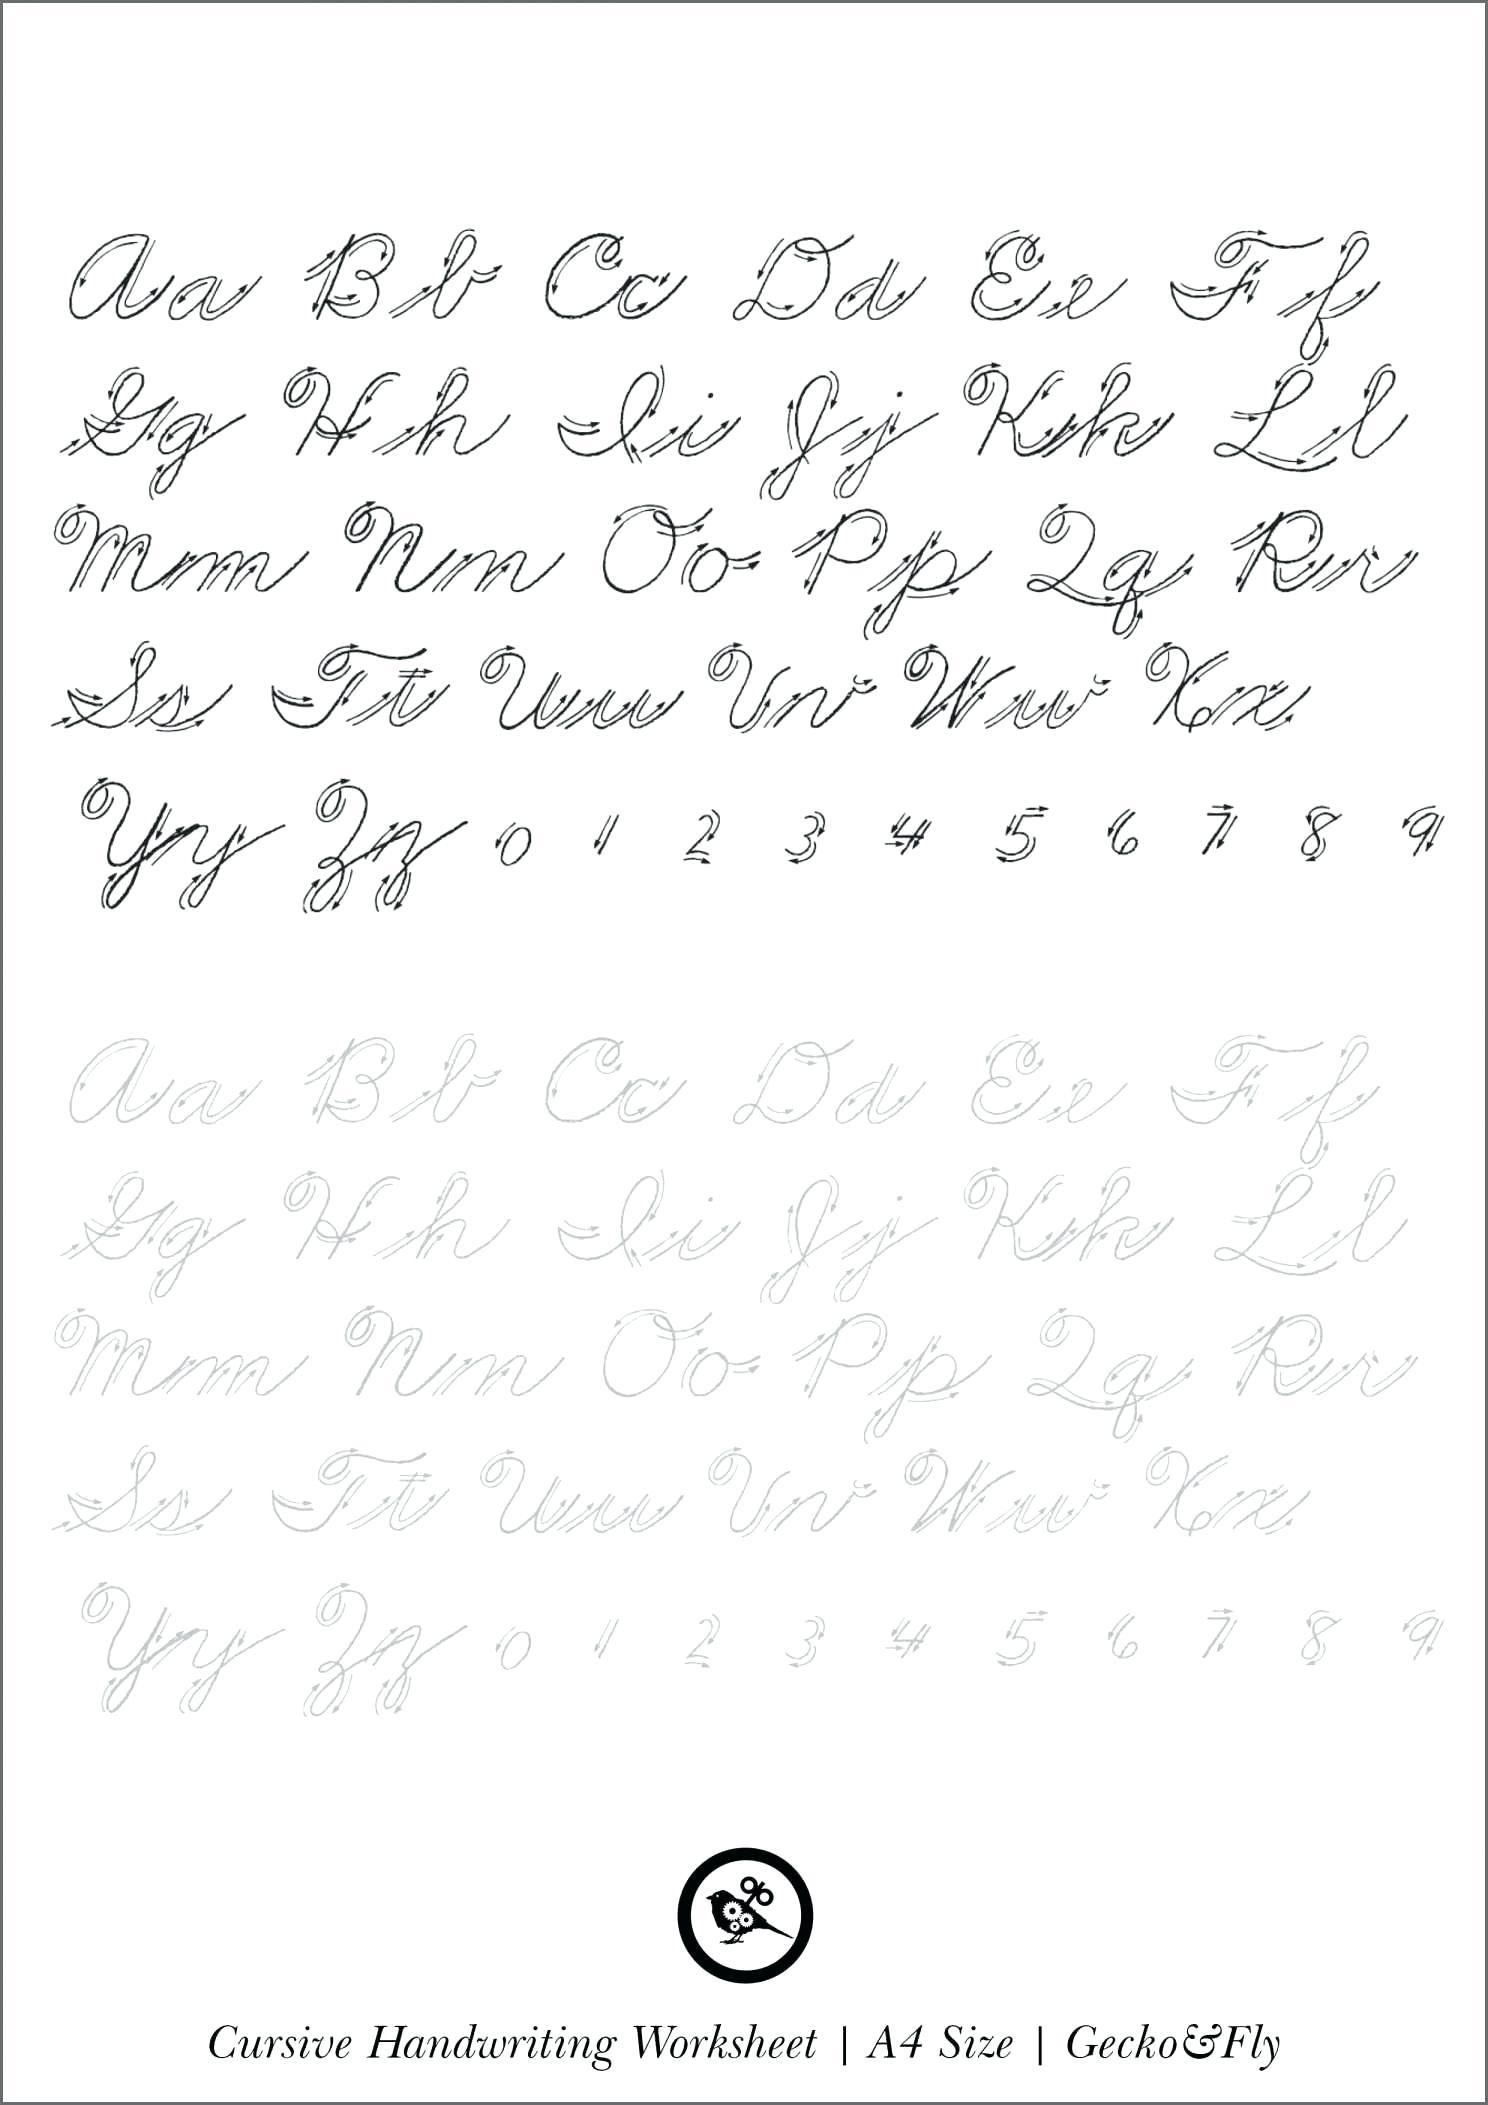 Printable Cursive Handwriting Cursive Click Here To Download Your   Printable Cursive Handwriting Worksheet Generator